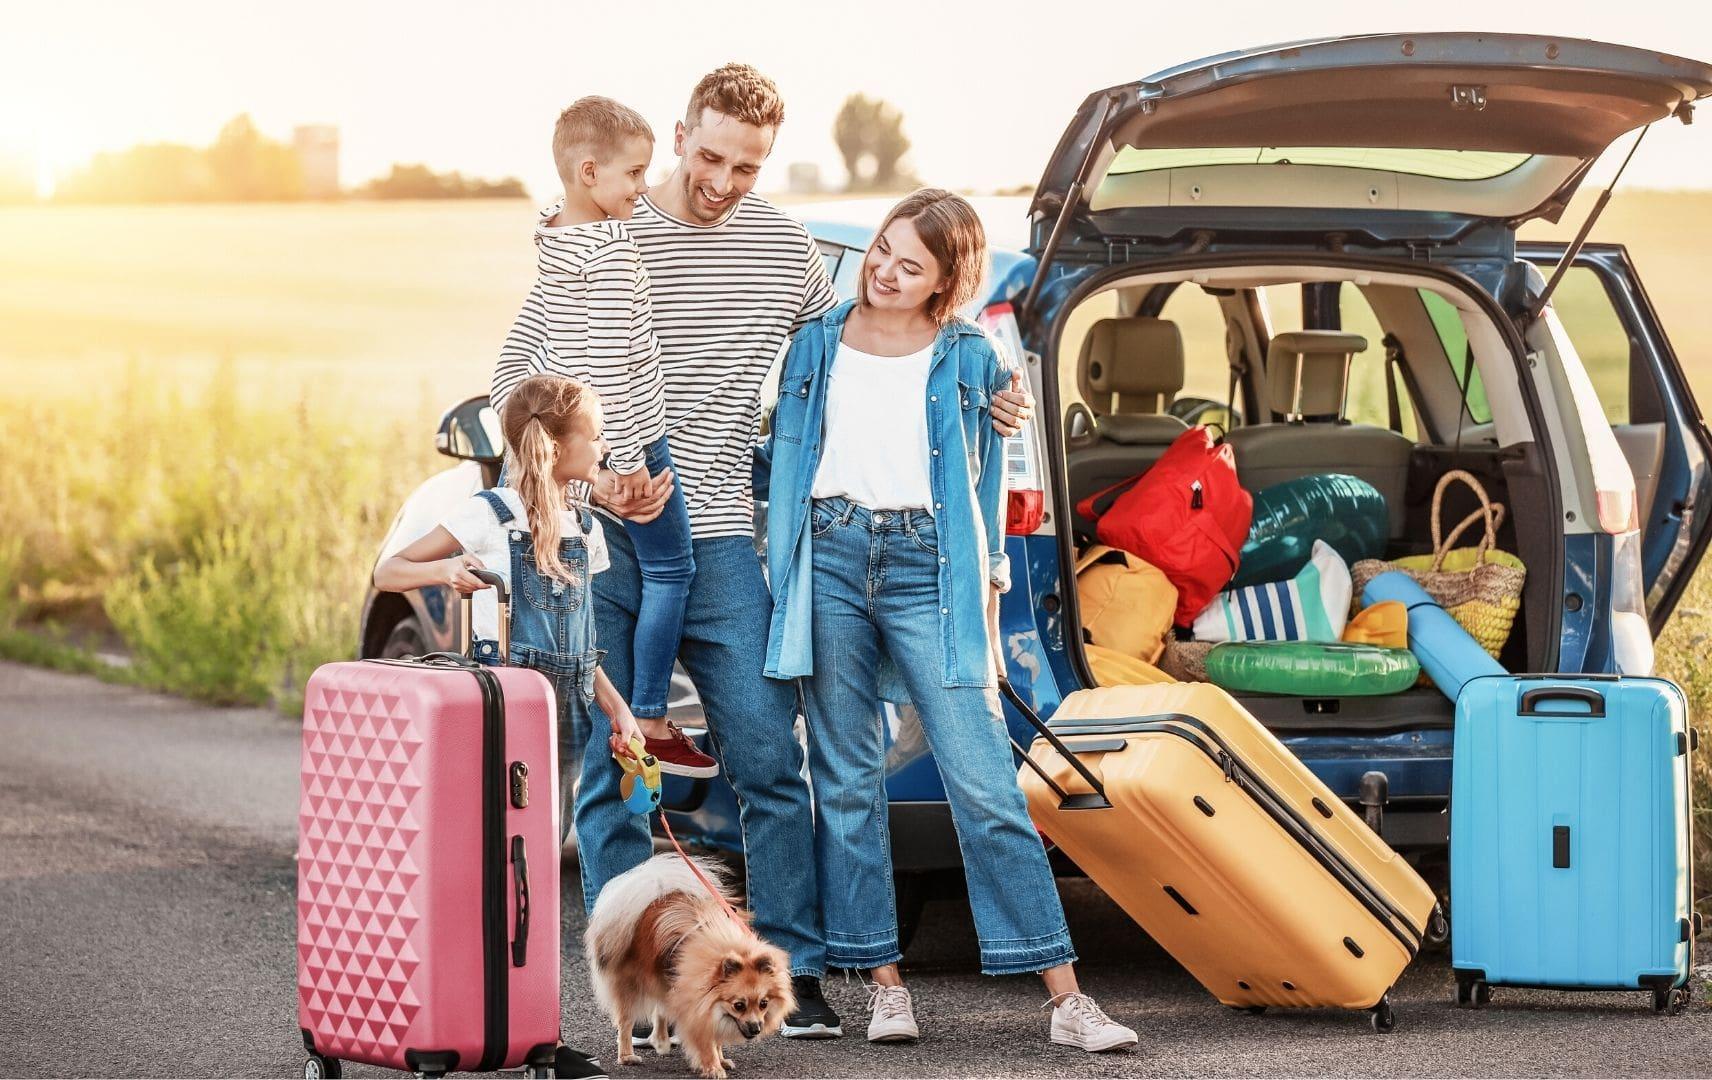 Familie mit Hund und gepackten Koffer Gepäck im Kofferraum